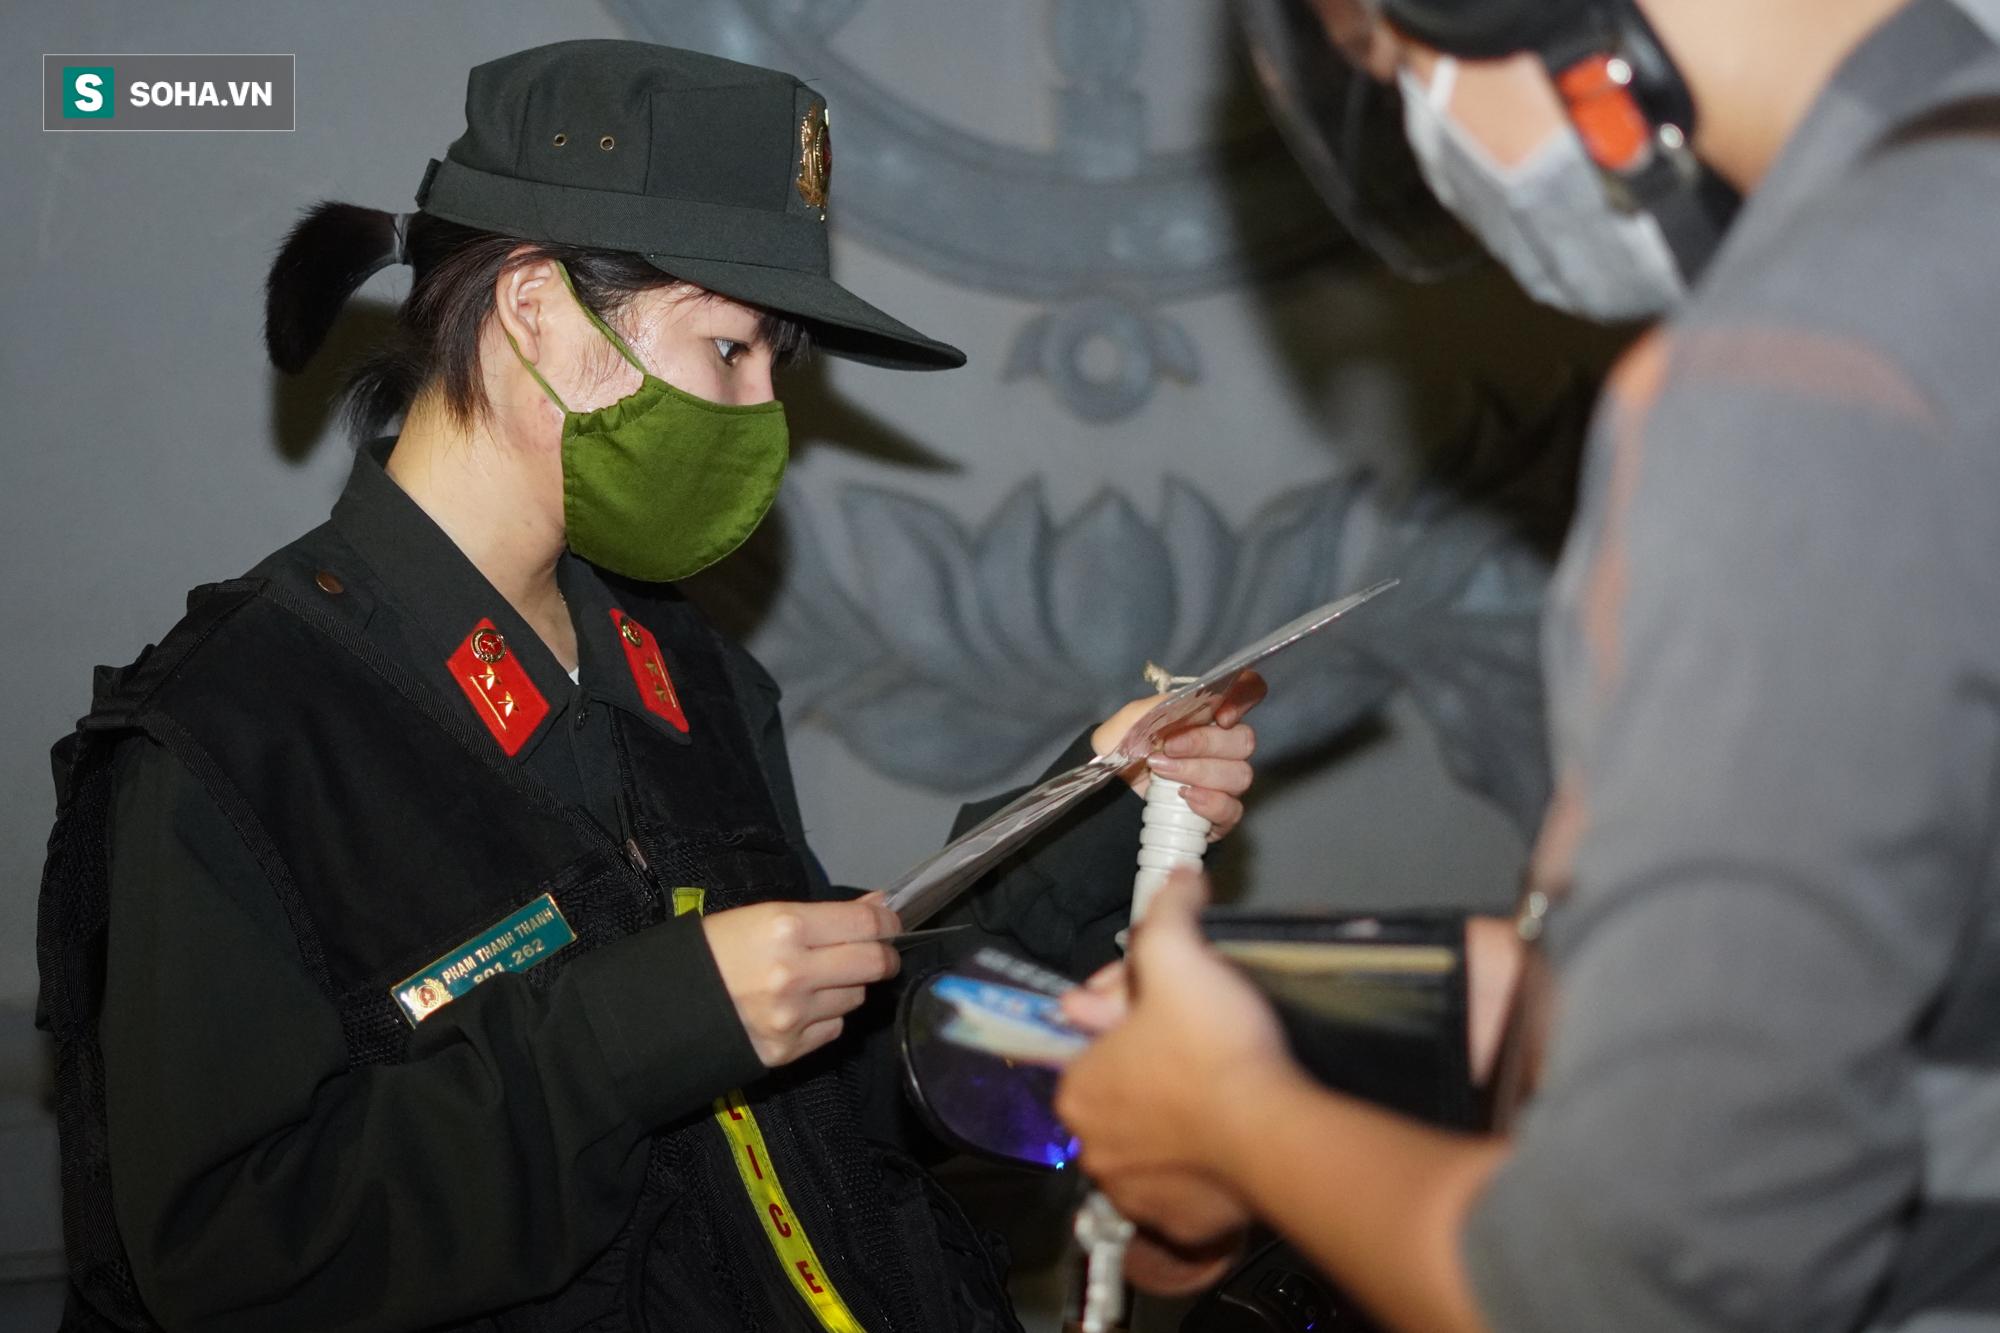 Nữ cảnh sát đặc nhiệm đầu tiên của tổ 141: Quen với những đêm trắng vì sự bình yên của người dân - Ảnh 9.